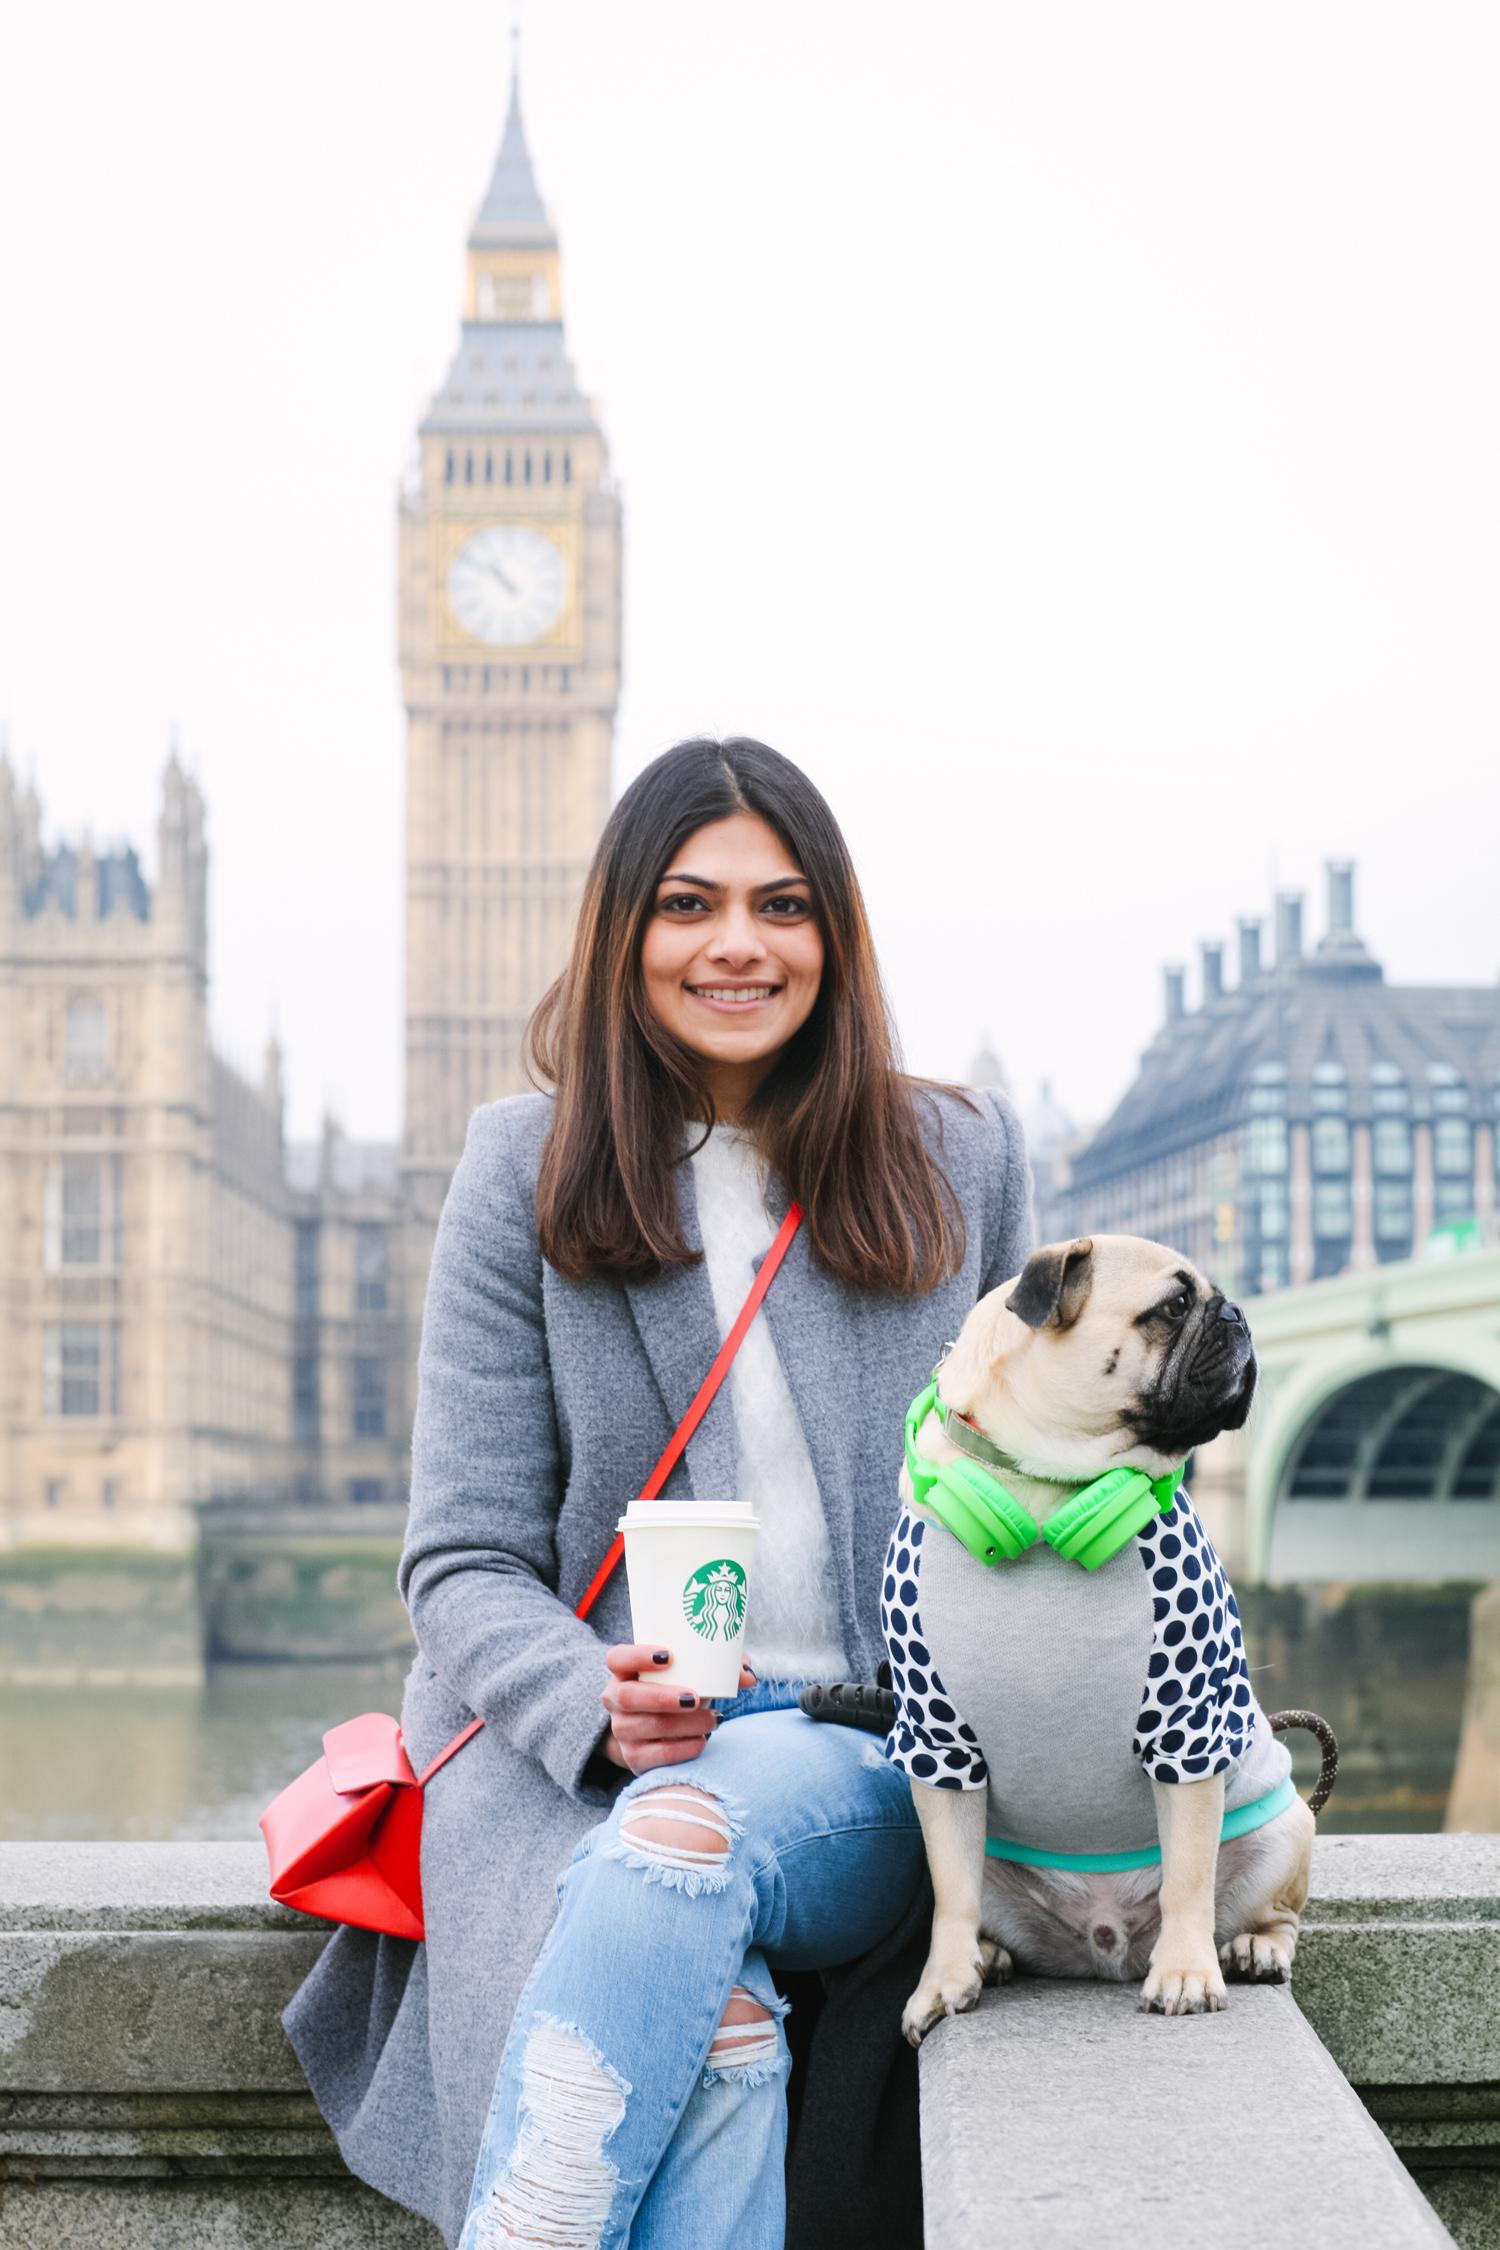 london-westminster-wesminsterabbey-honeyidressedthepug-dogfashionblog-petfashionblog-dogblog-london-uk-dogsinclothes-humanandhound-humanandhoundfashion-puglife-londonpug-bestdogblog-topdogblog-stylishdogs-instafamousdogs 5.jpg